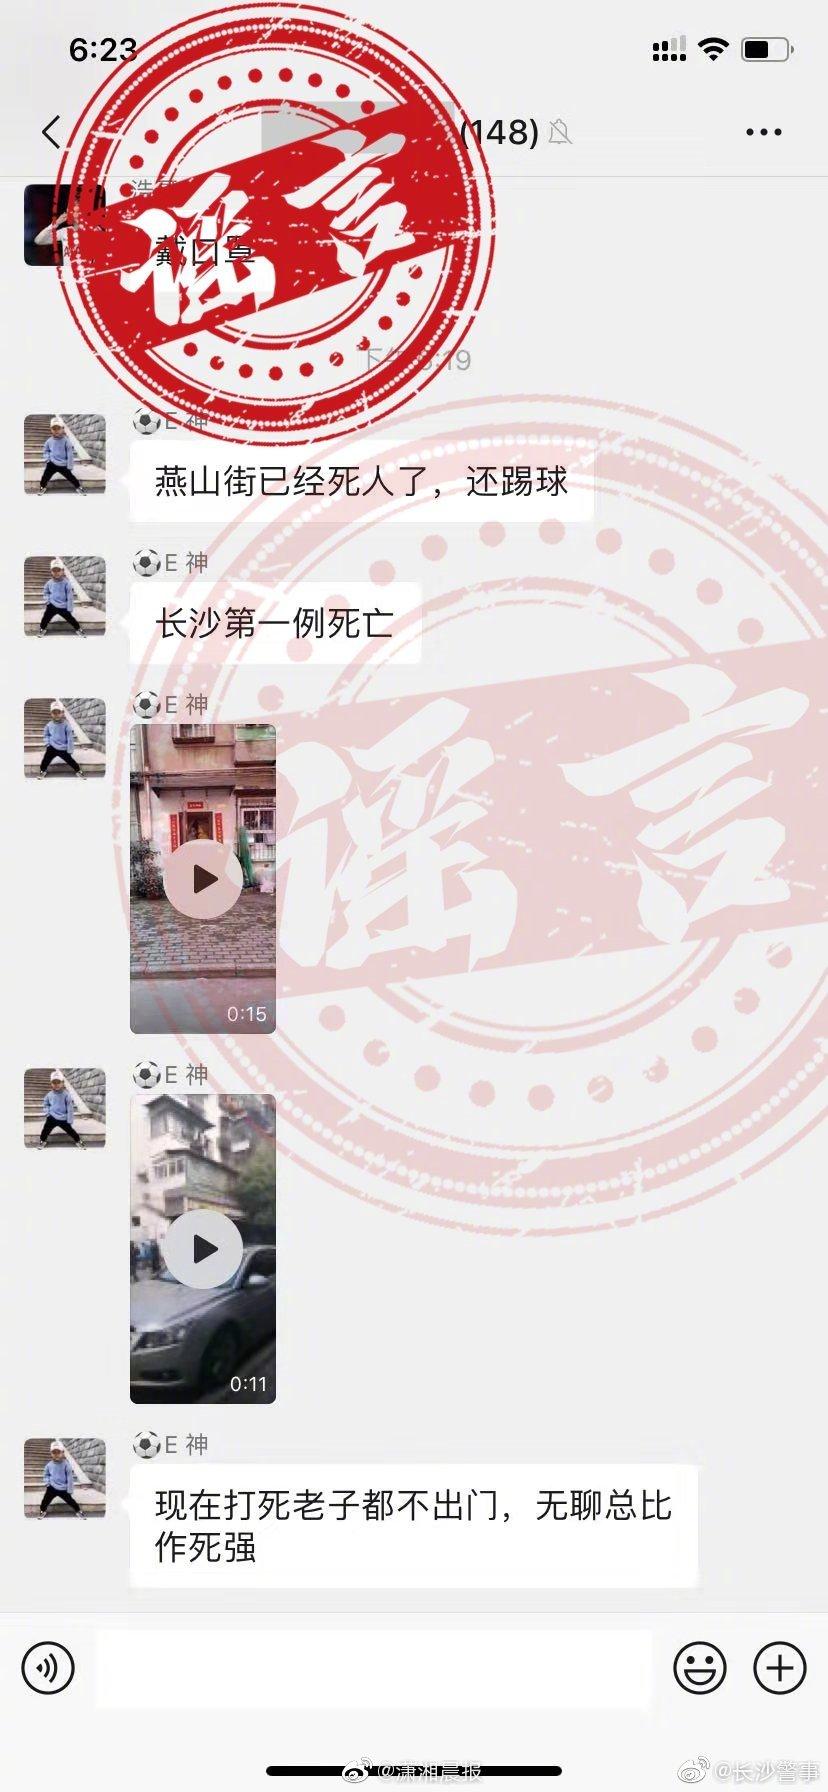 潇湘晨报今日头条图片